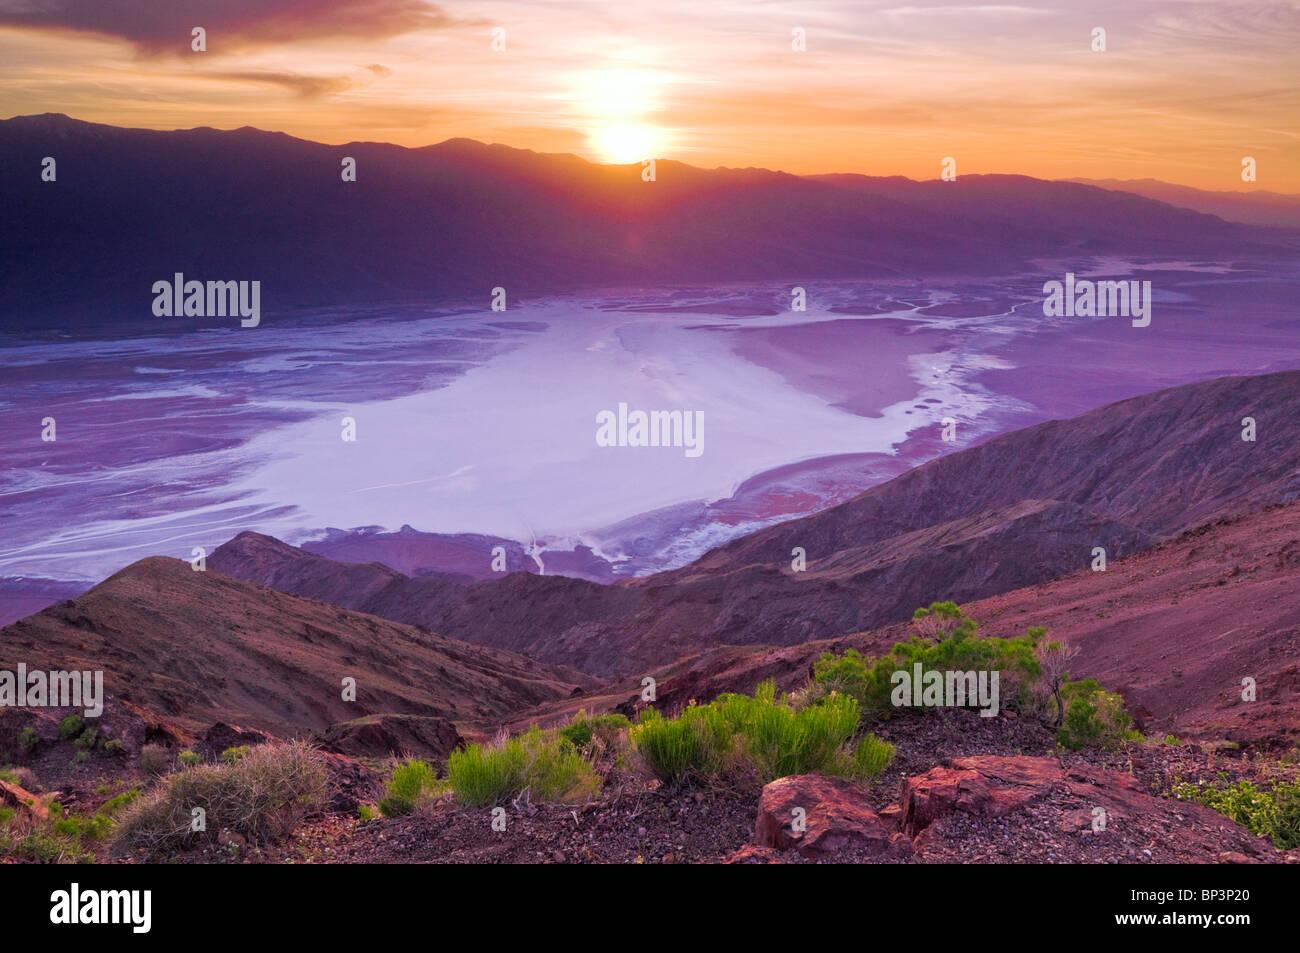 Tramonto sulla Valle della Morte da Dante, vista parco nazionale della Valle della Morte. California Immagini Stock